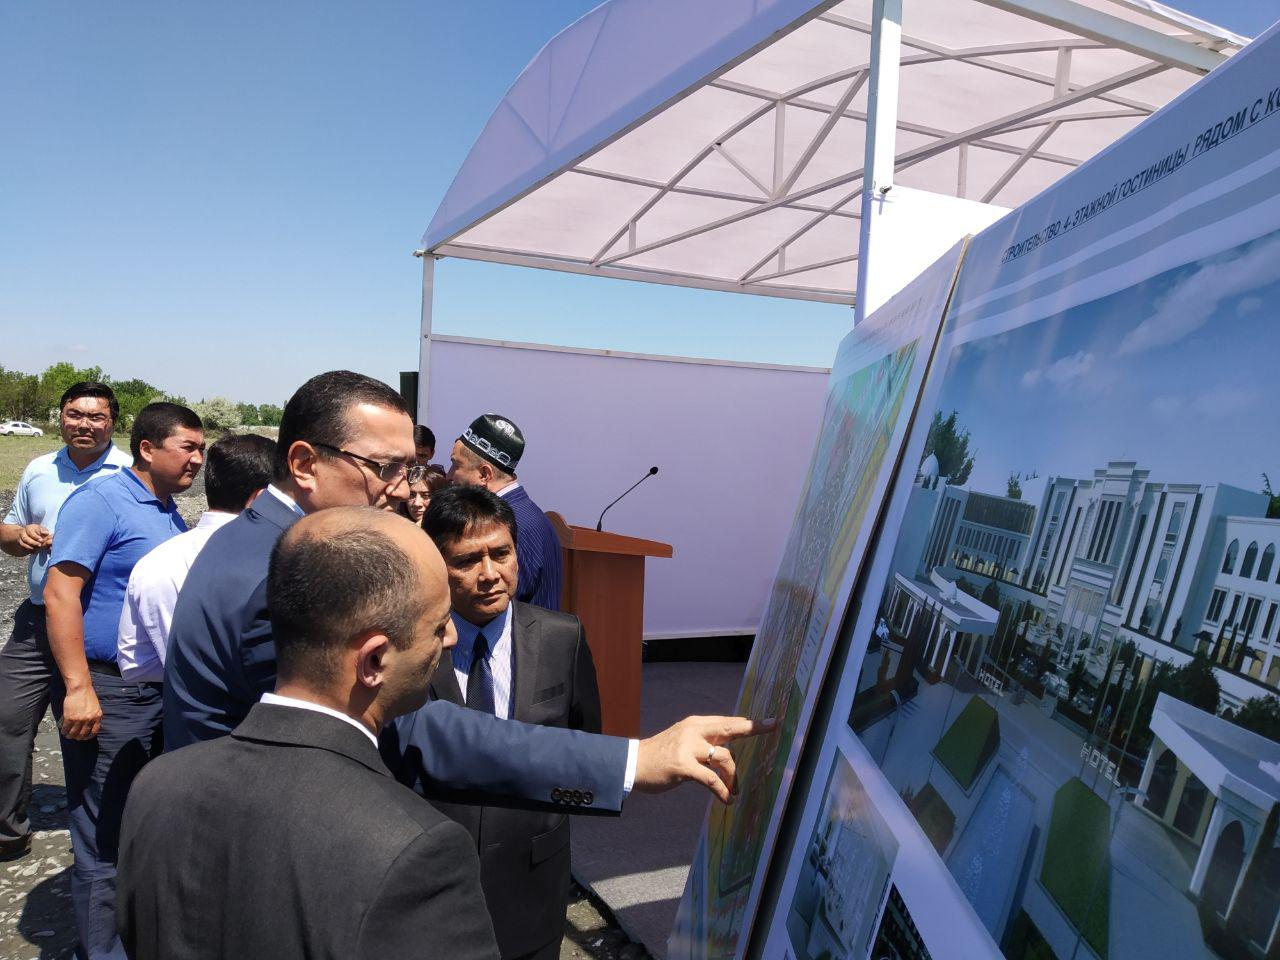 В  Самарканде построят первую в Узбекистане гостиницу по мировому стандарту халяль